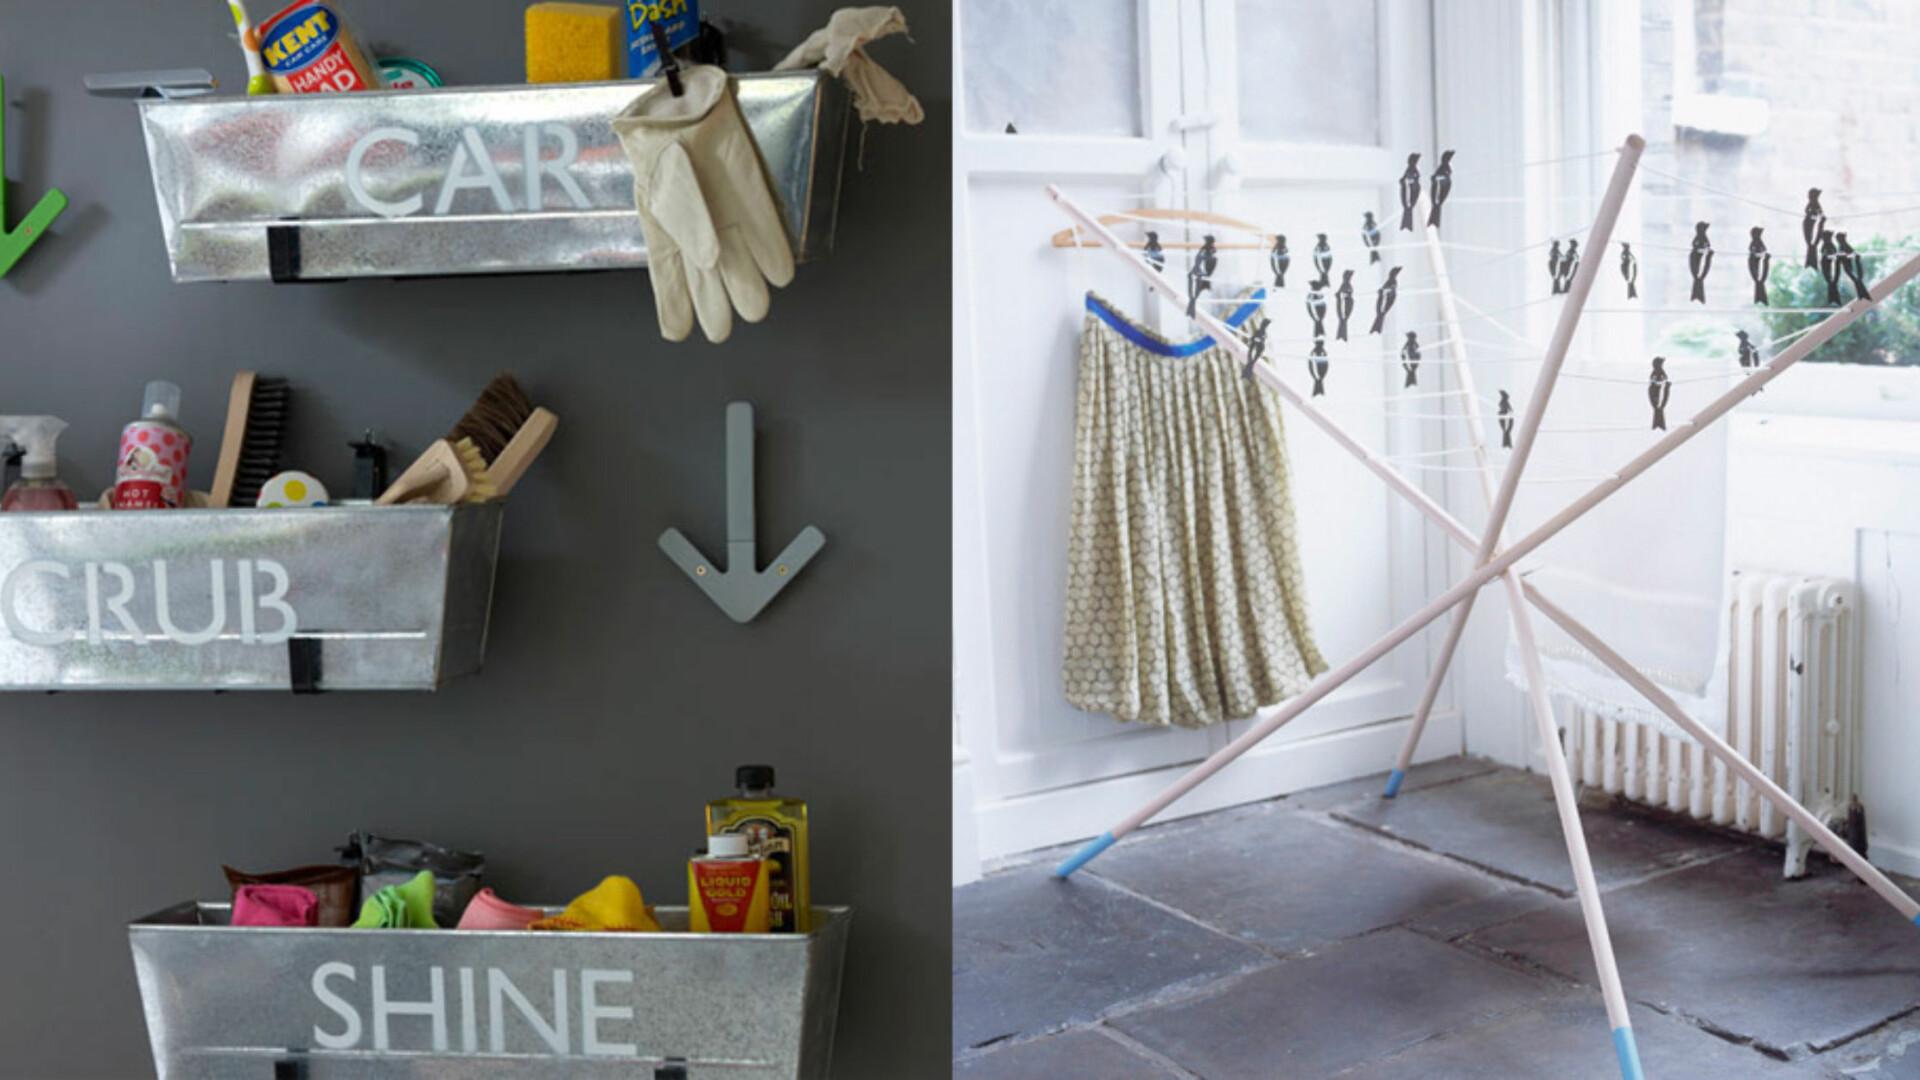 e8bc083e9 Pent og praktisk på vaskerommet - Inspirasjon